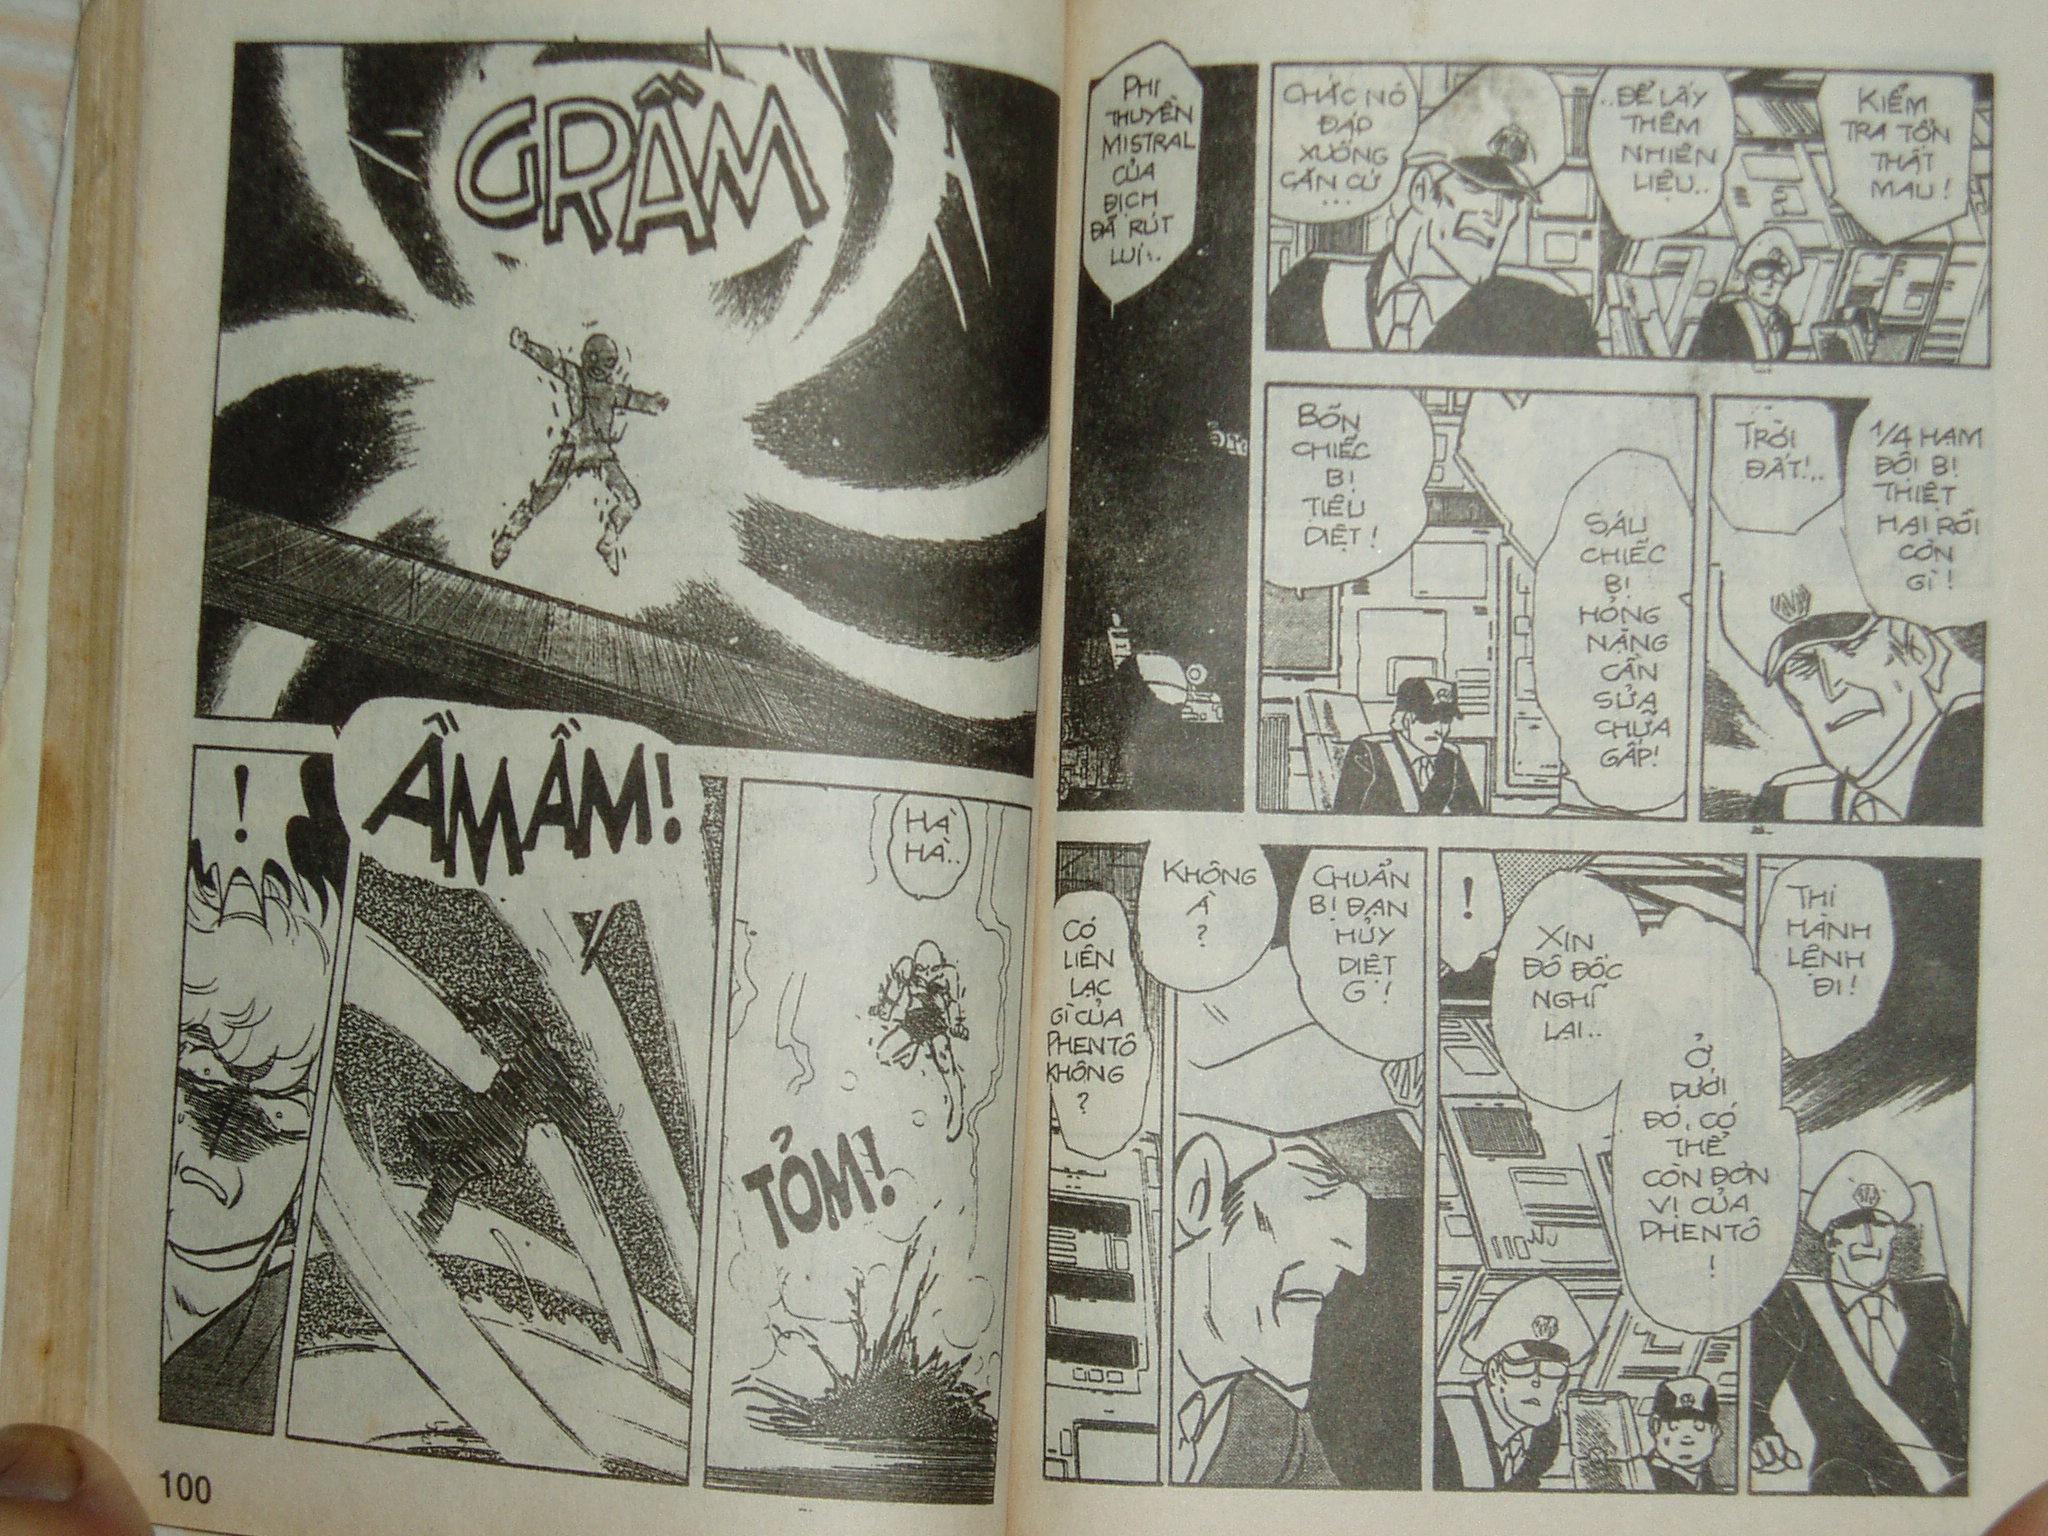 Siêu nhân Locke vol 13 trang 48